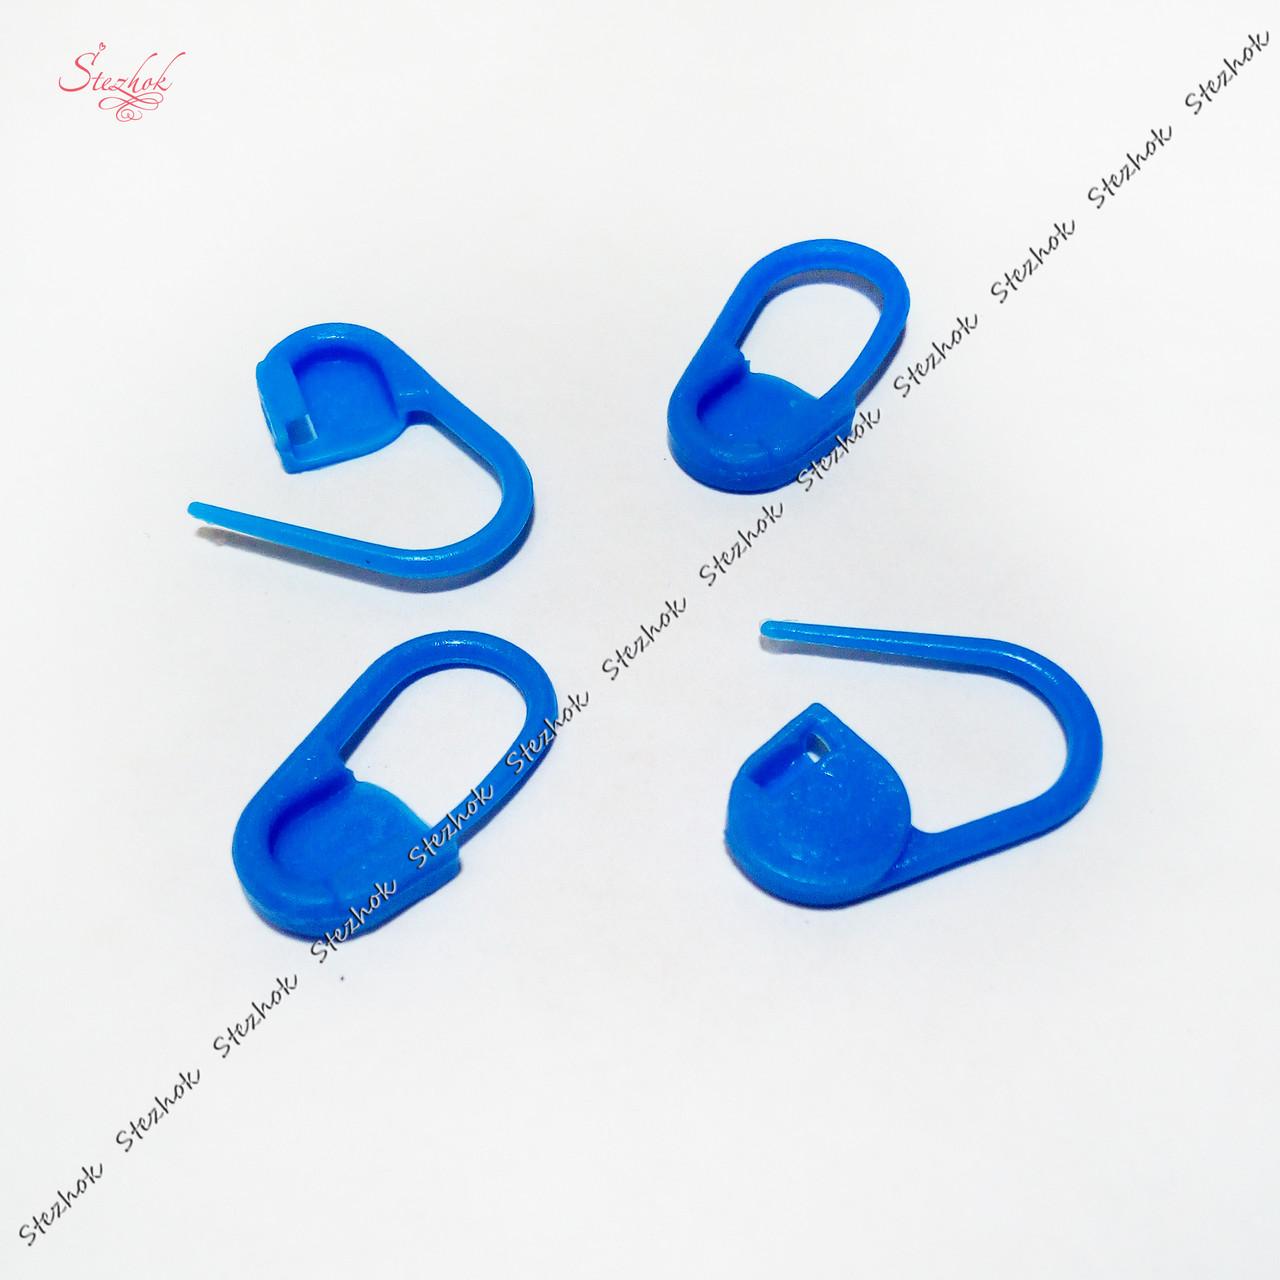 Пластиковая булавка 21х11мм маркер для вязания для рукоделия цвет синий